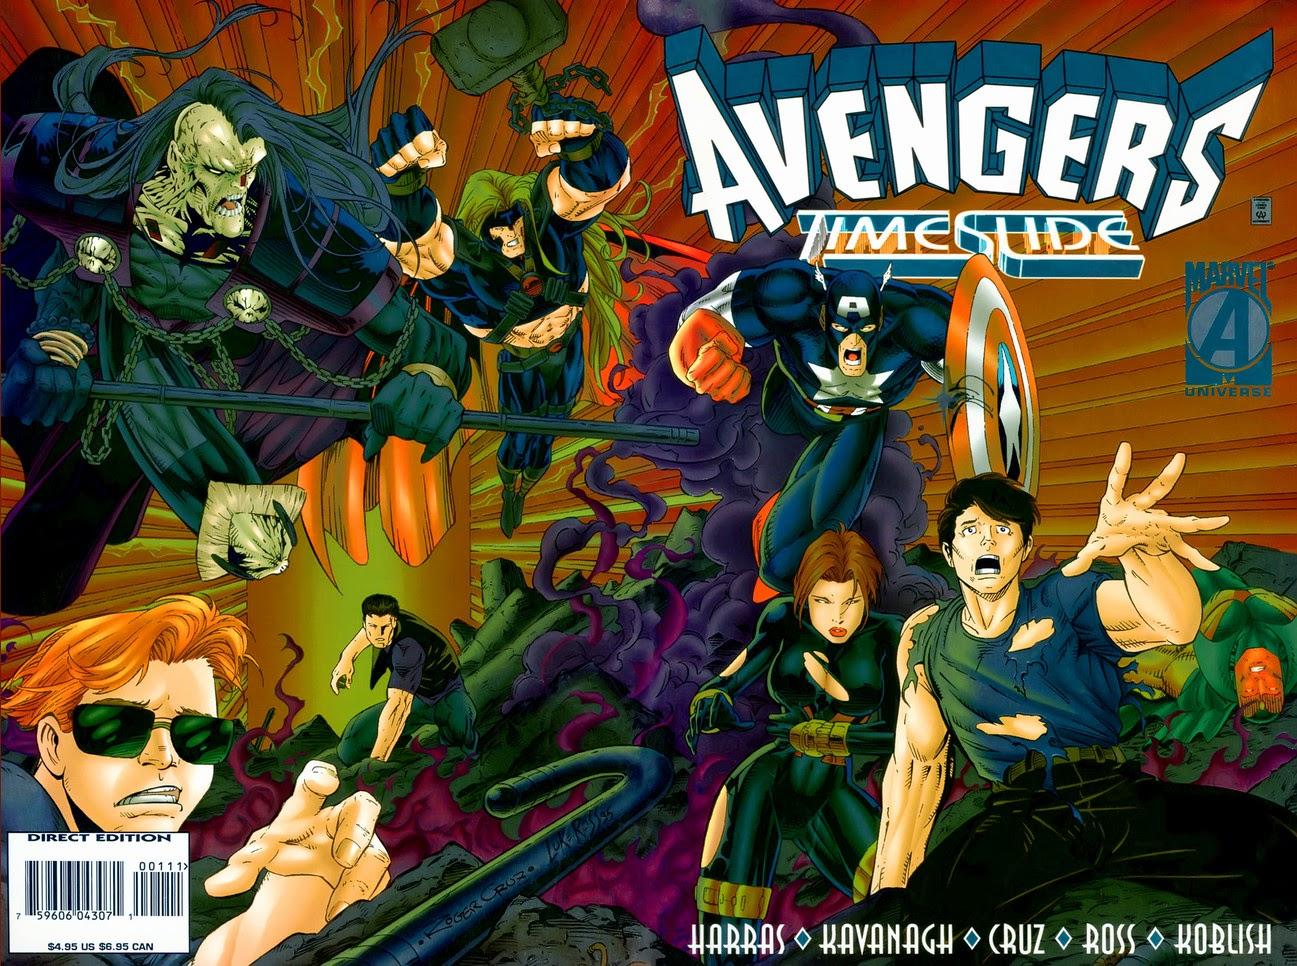 Avengers Timeslide Cover